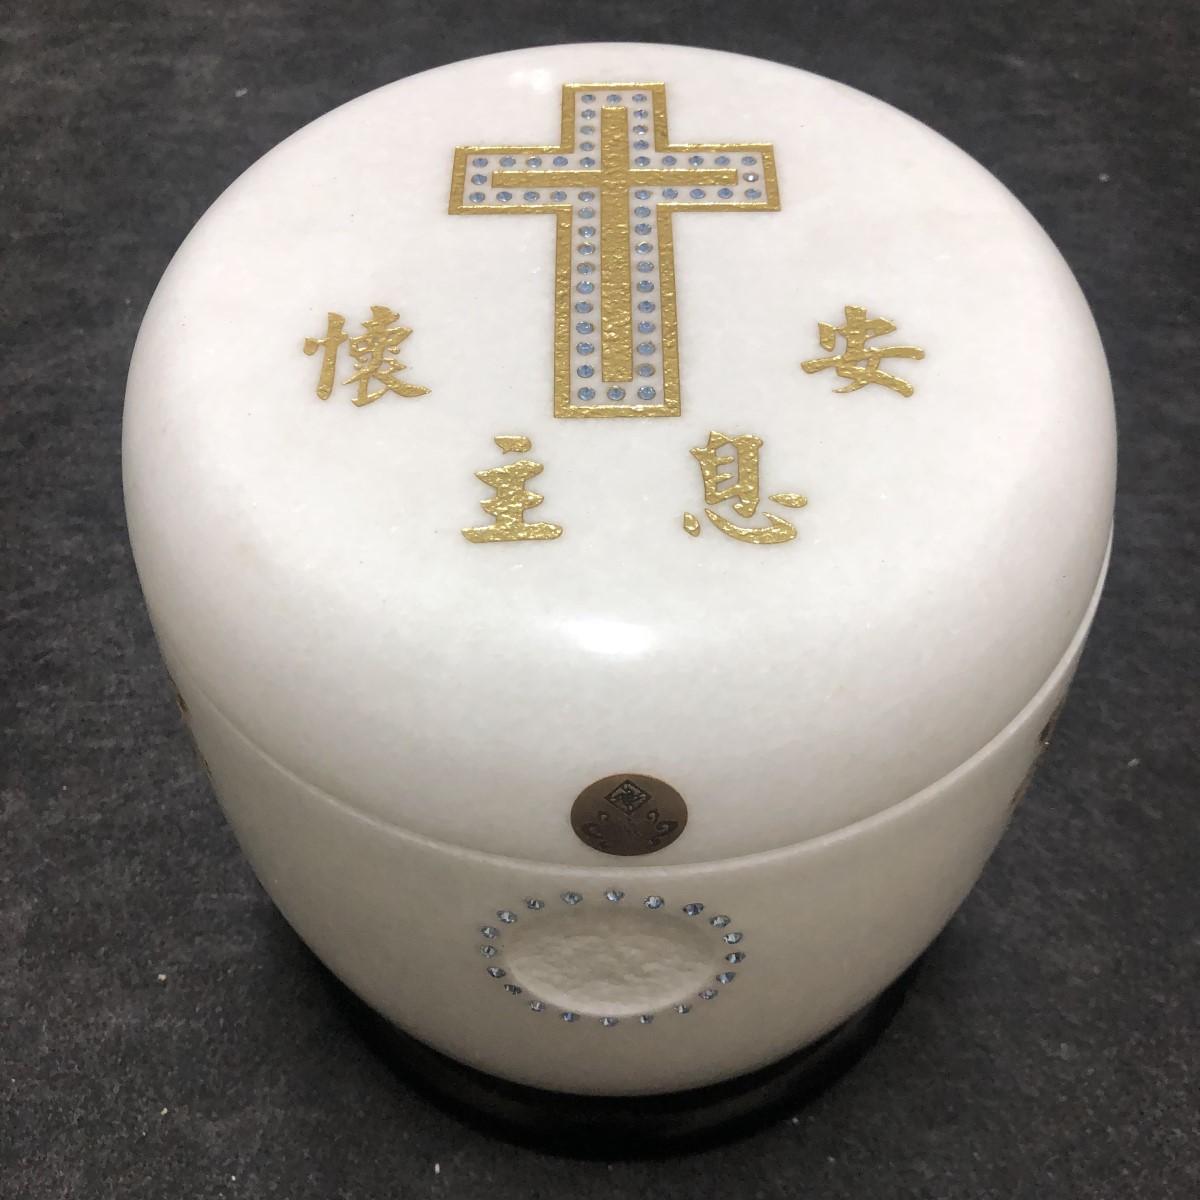 【安息主懷】天主教天主經漢白玉骨灰罐